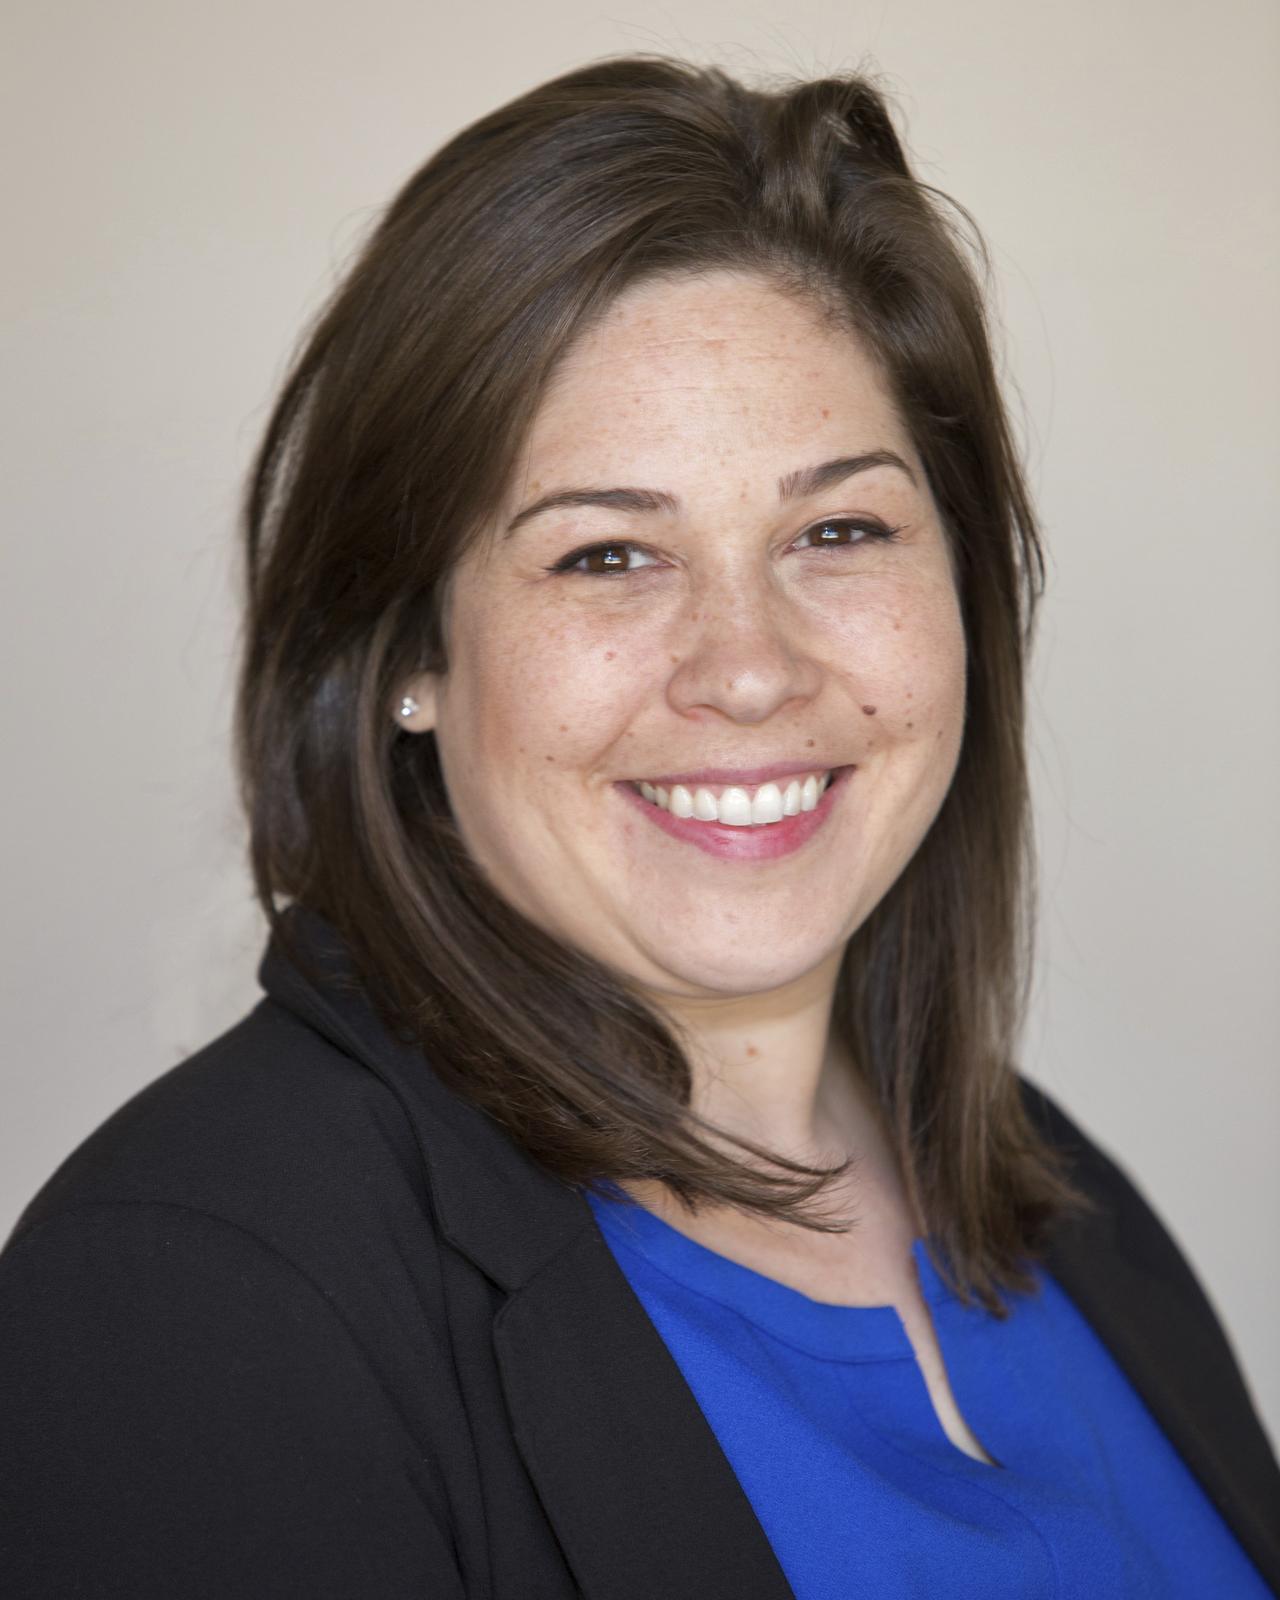 Rachel Hartman